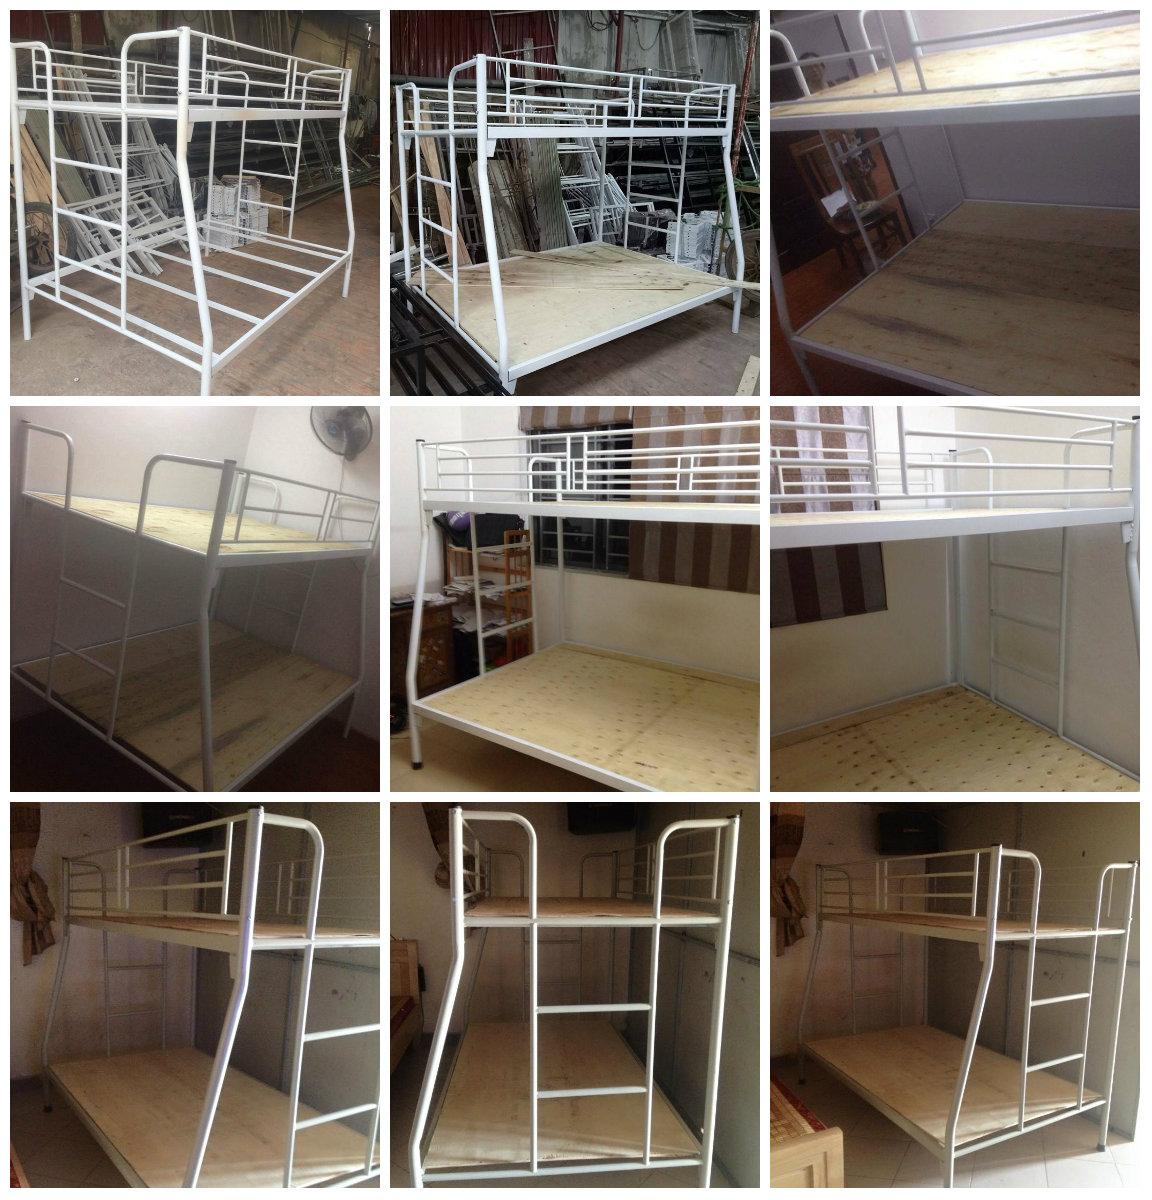 18 Chuyên sản xuất giường tầng sắt, giường tầng inox trường học,khu lưu trú,nhà ở công nhân viên giá rẻ